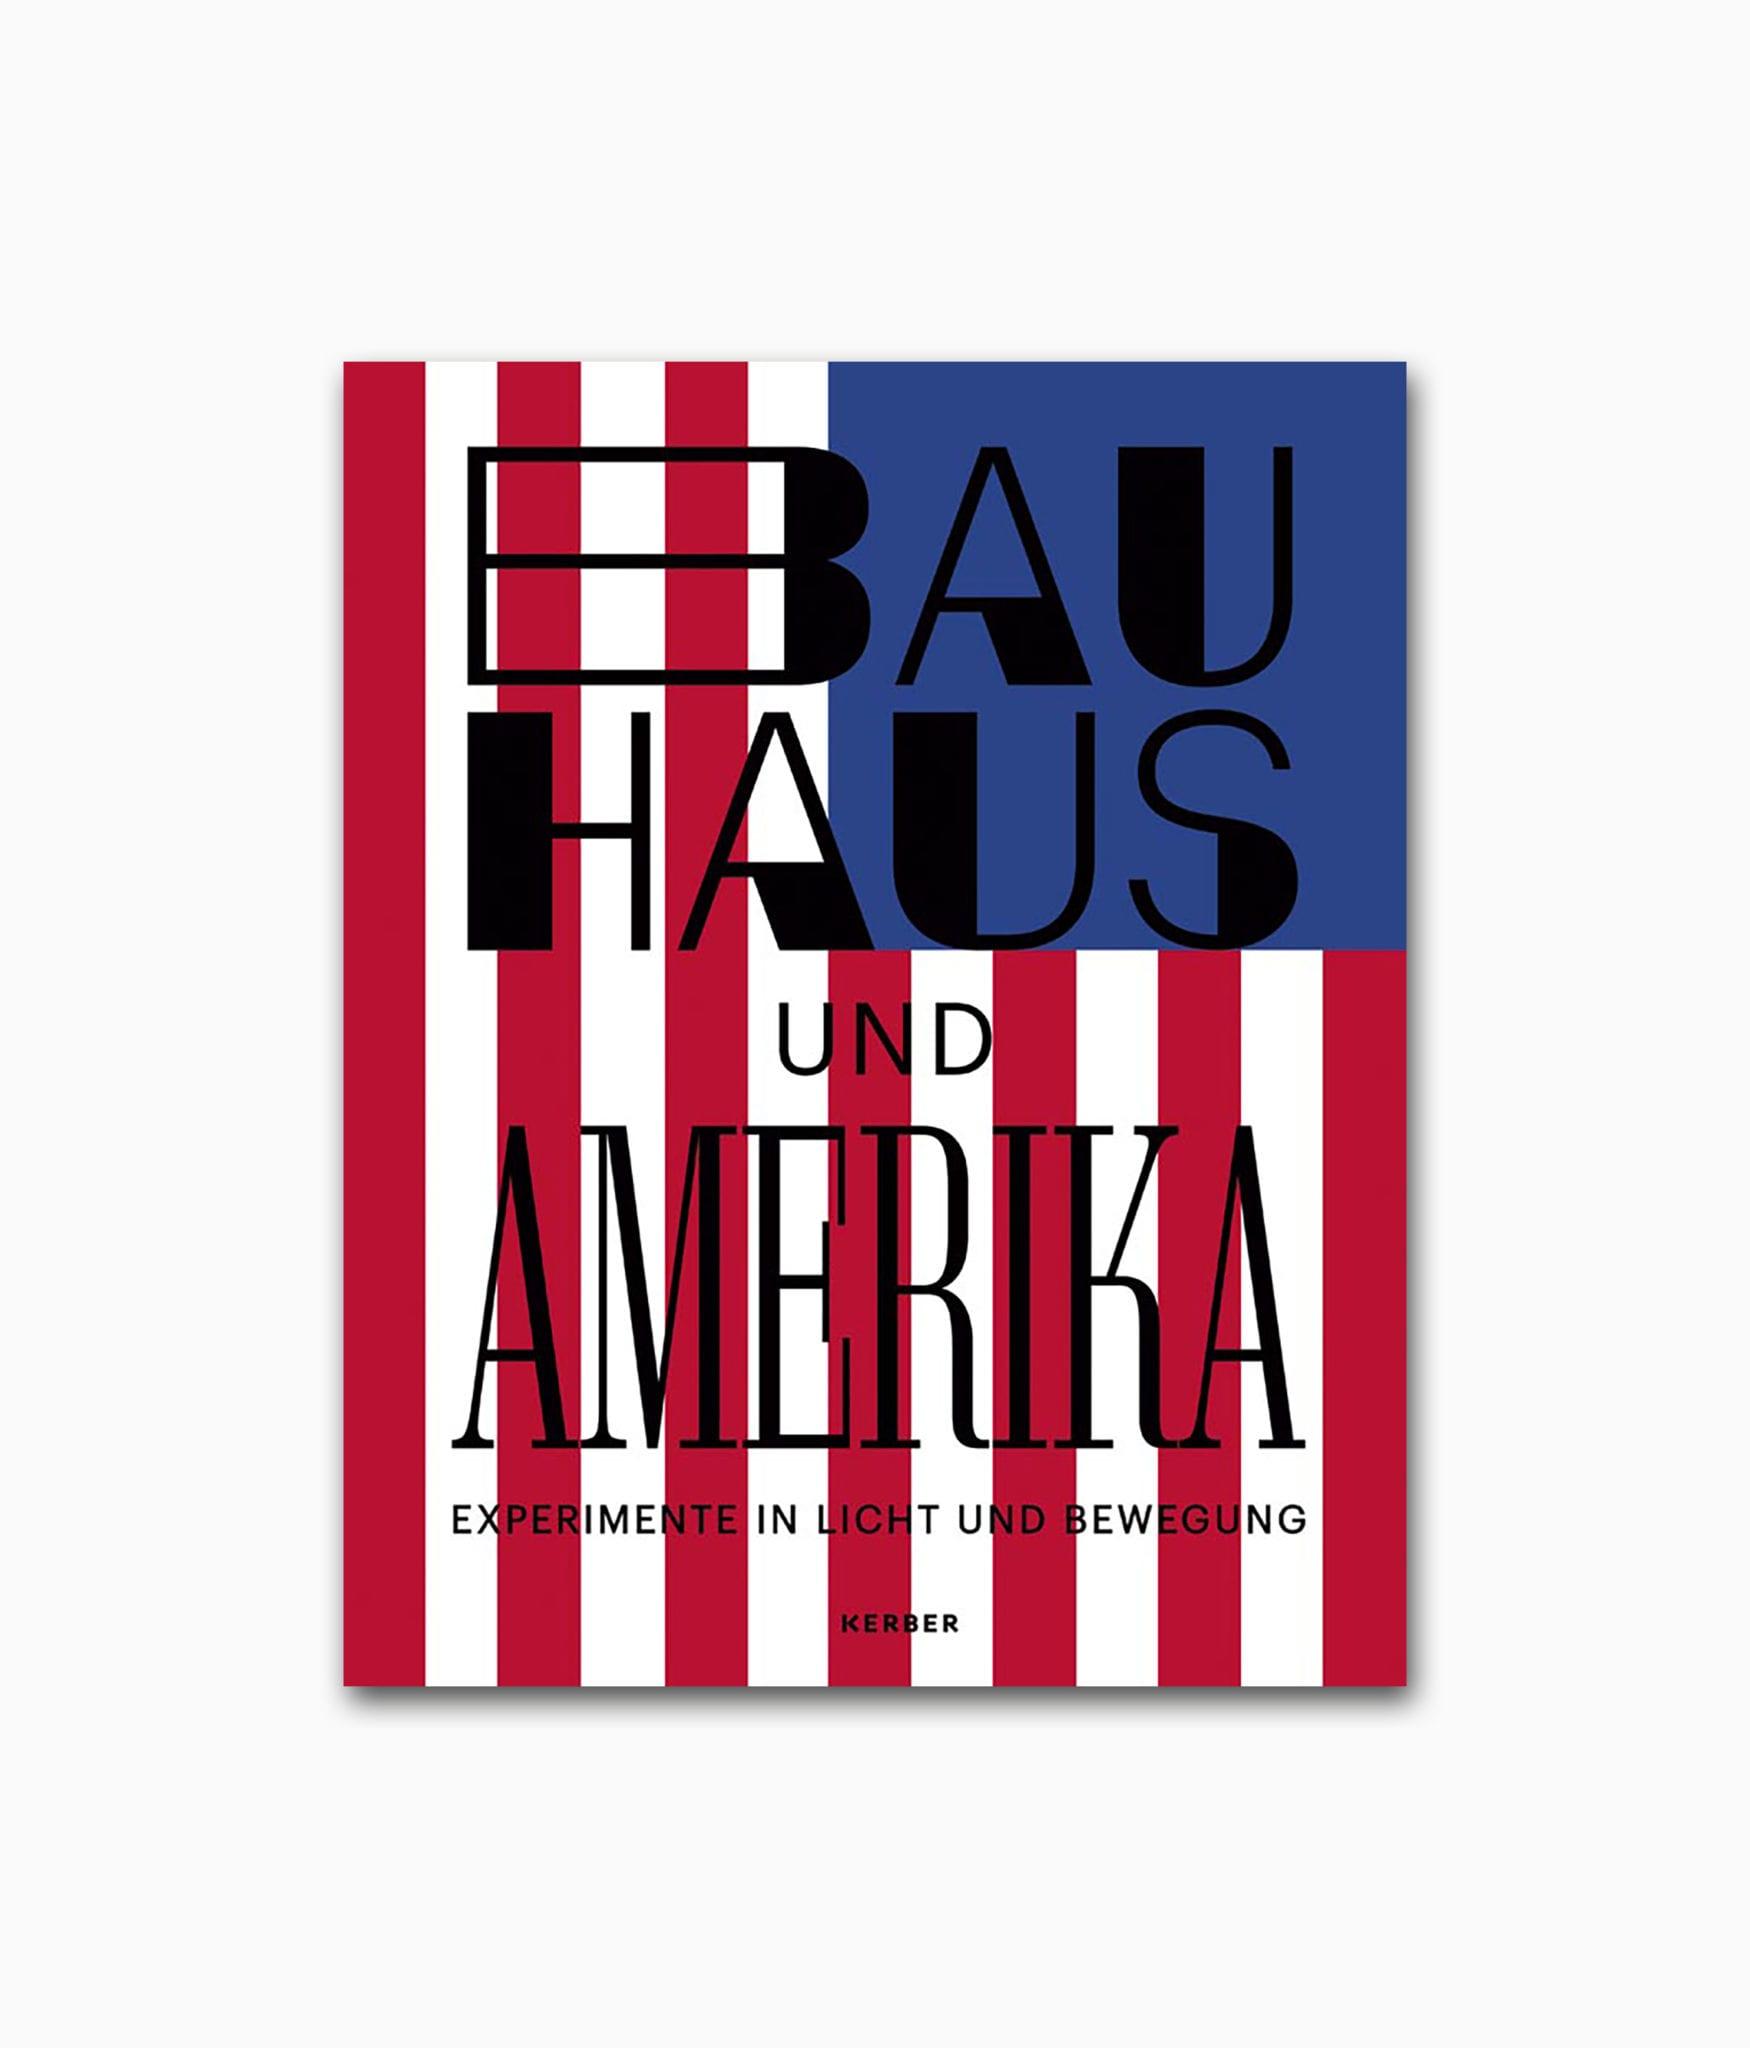 Cover von dem Fotografie Buch über Architekturfotografie namens Bauhaus und Amerika Kerber Verlag